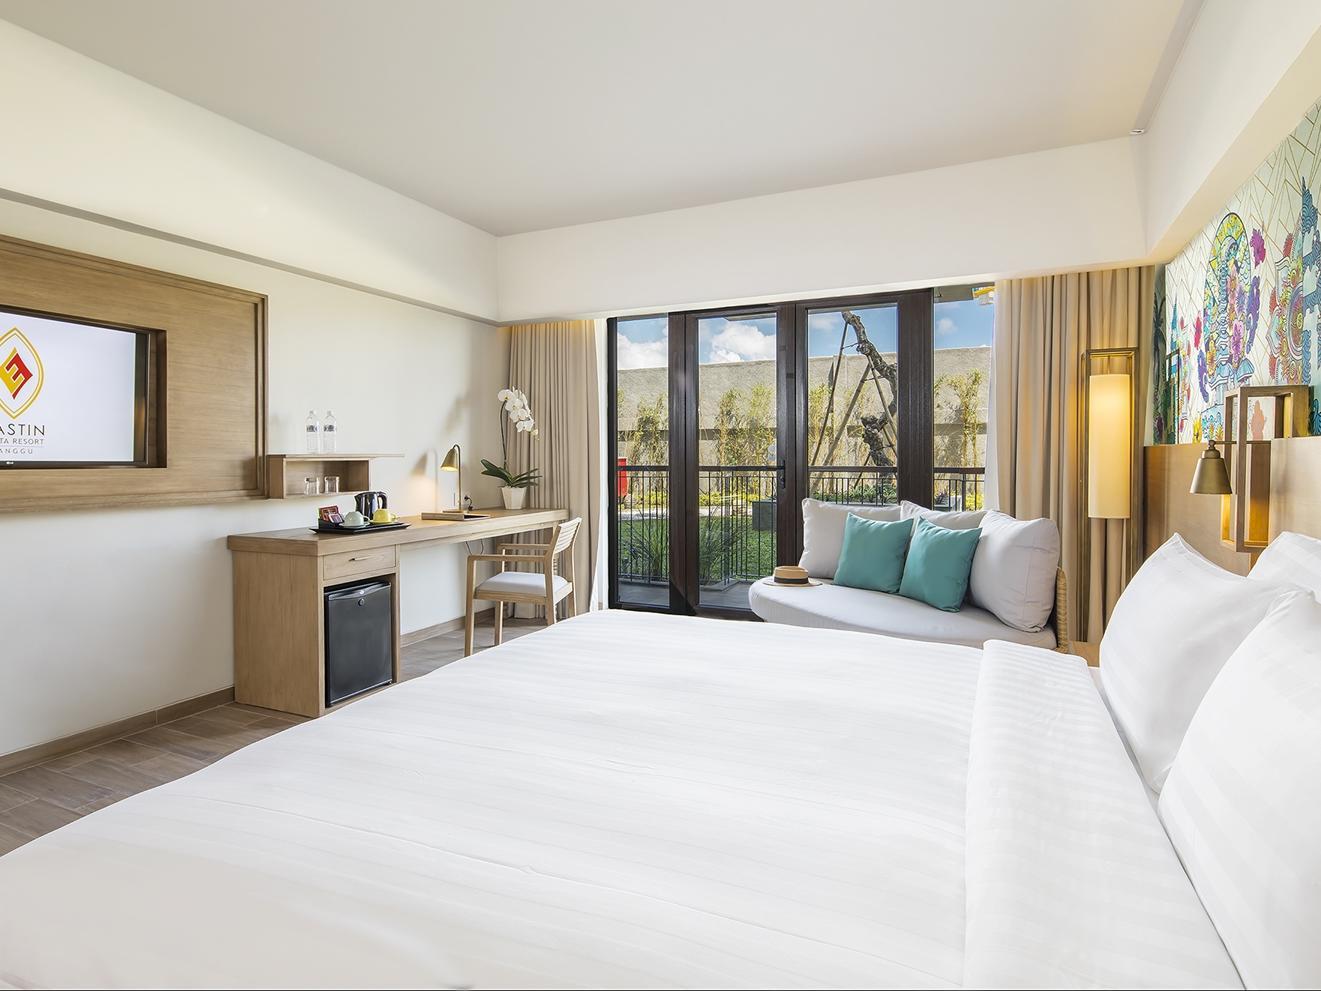 Eastin Ashta Resort Canggu Deluxe